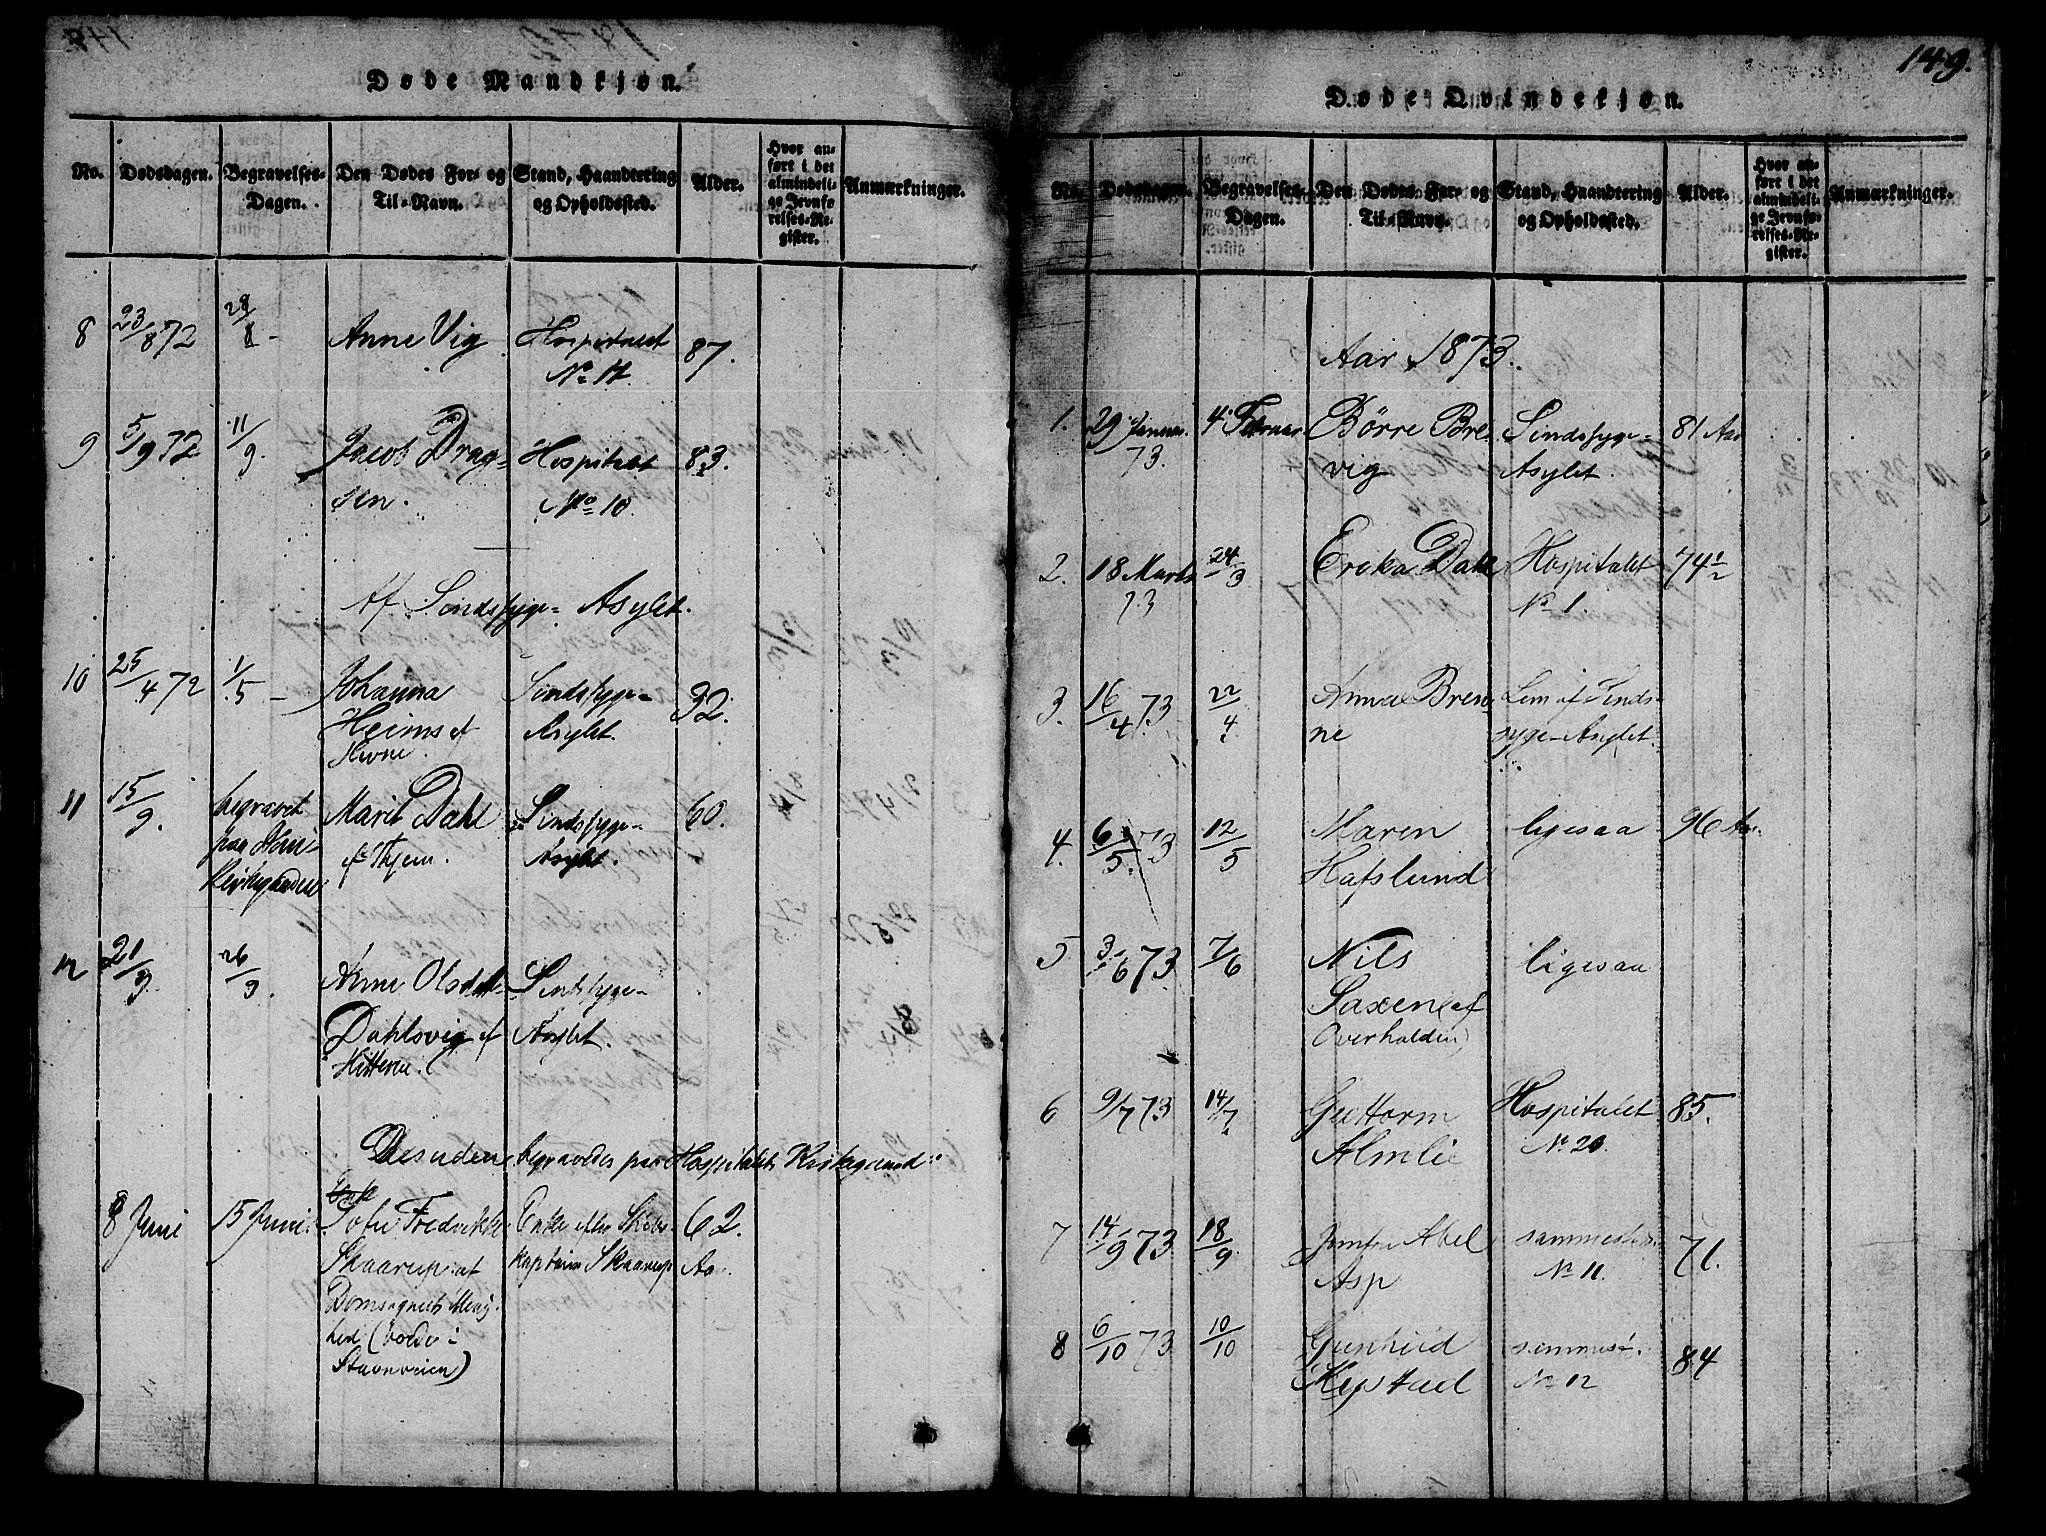 SAT, Ministerialprotokoller, klokkerbøker og fødselsregistre - Sør-Trøndelag, 623/L0478: Klokkerbok nr. 623C01, 1815-1873, s. 149